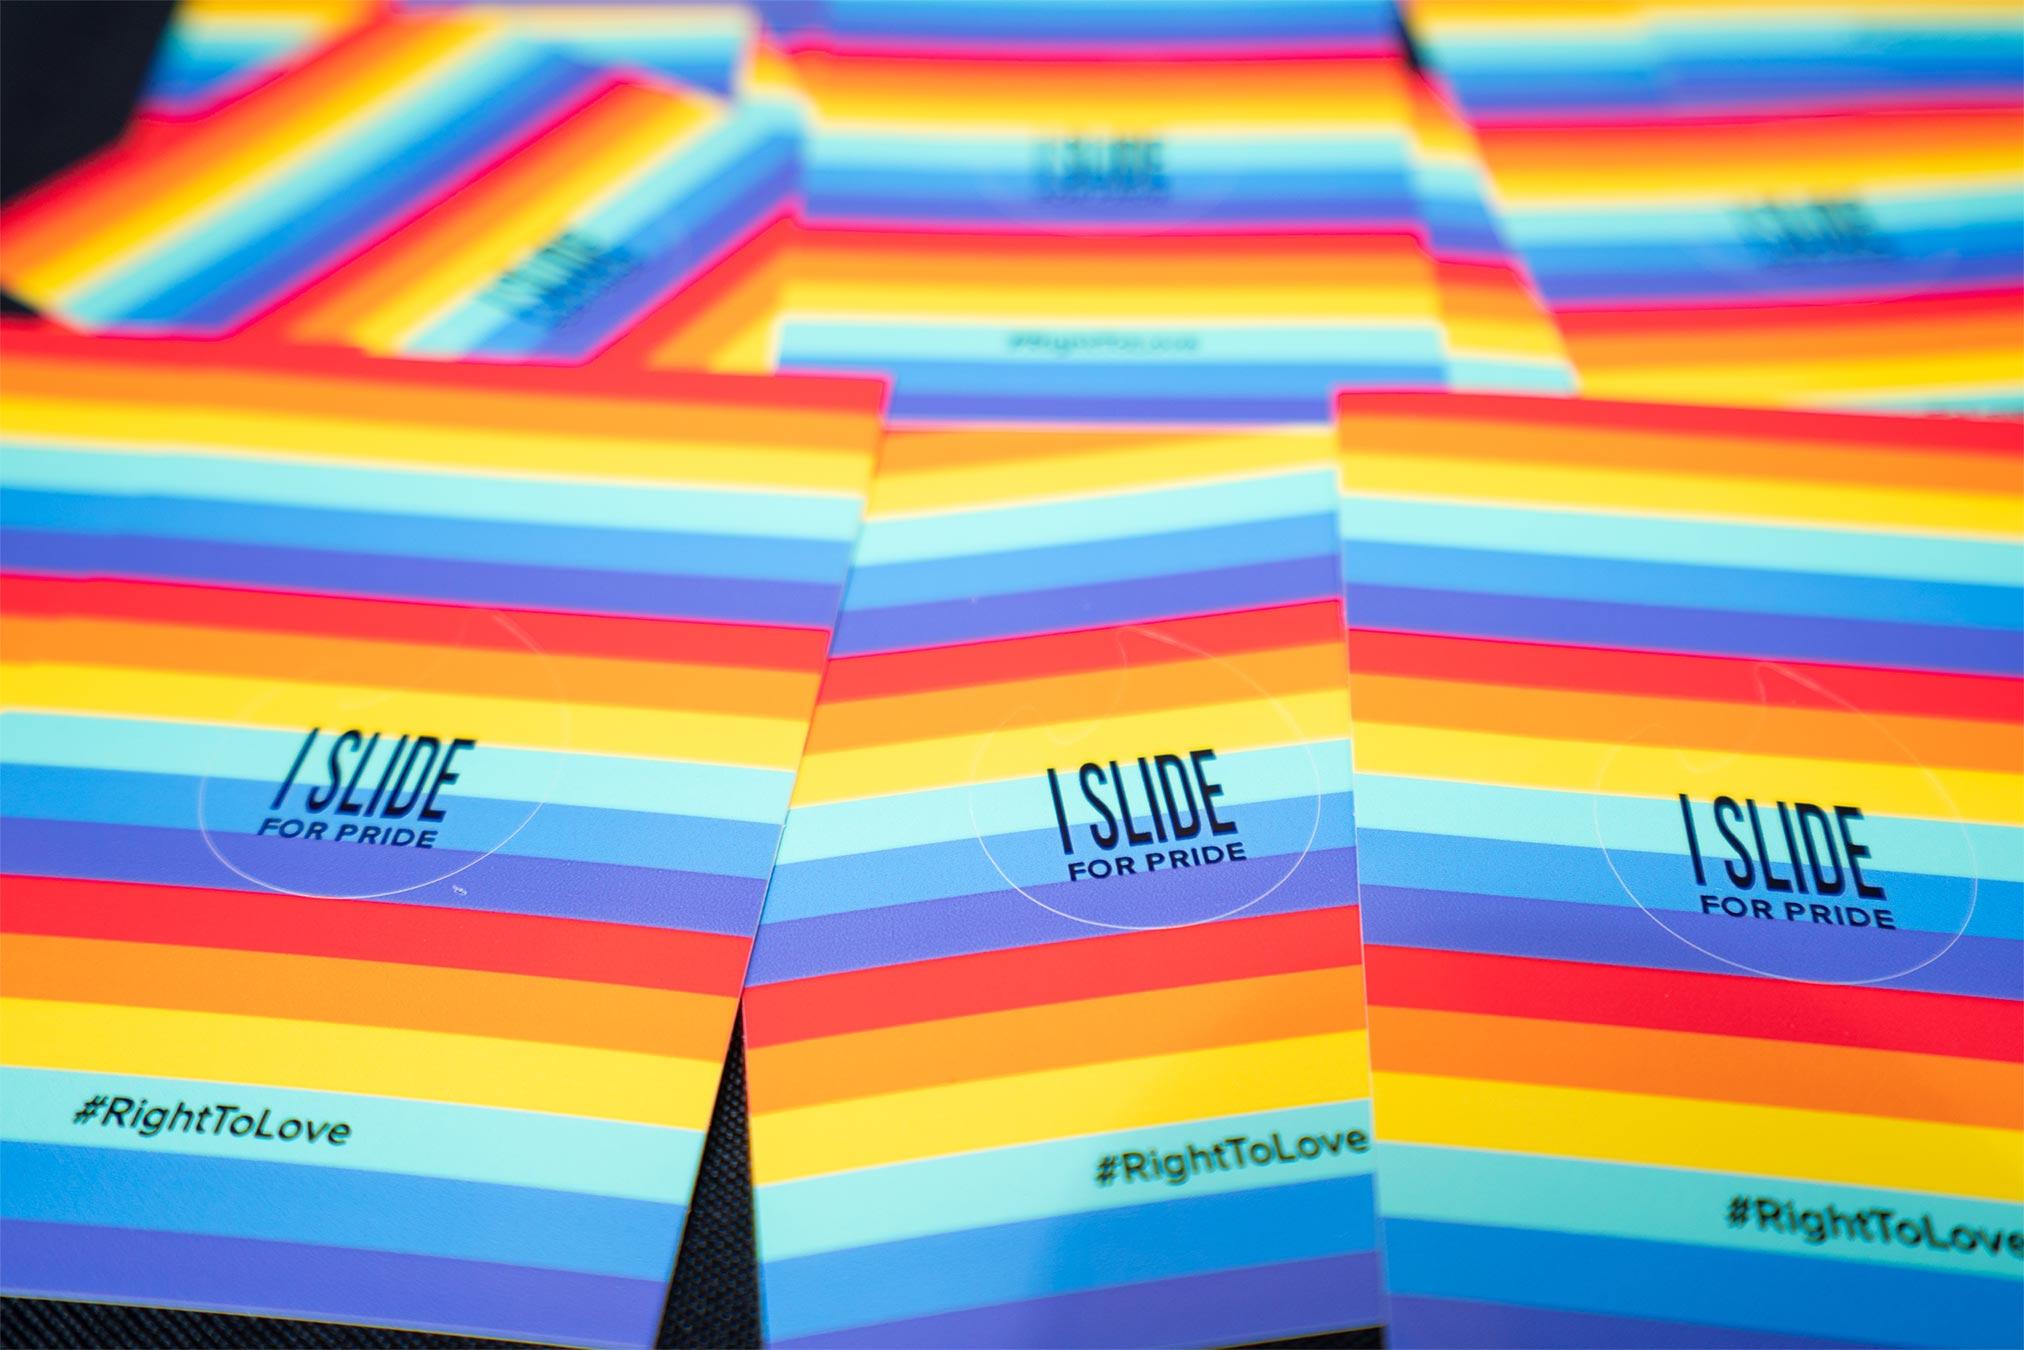 Tinder_PrideSlide-131.jpg